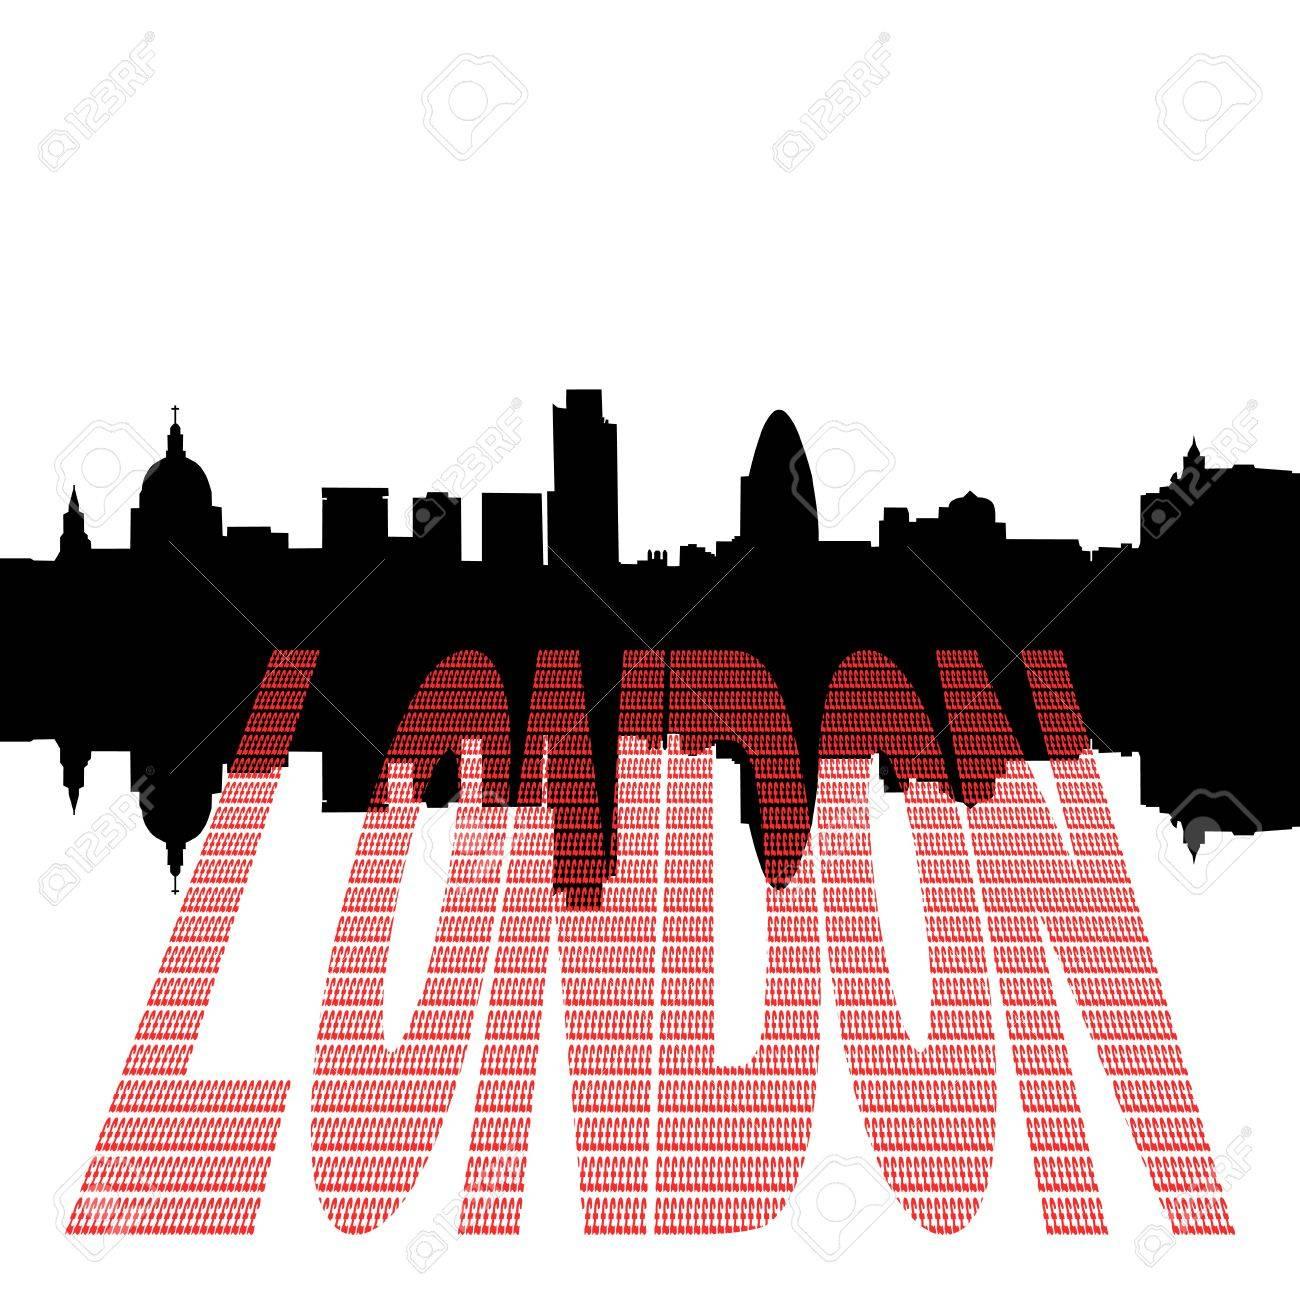 London skyline including st pauls cathedral with pound symbol london skyline including st pauls cathedral with pound symbol text illustration stock illustration 4395805 buycottarizona Images